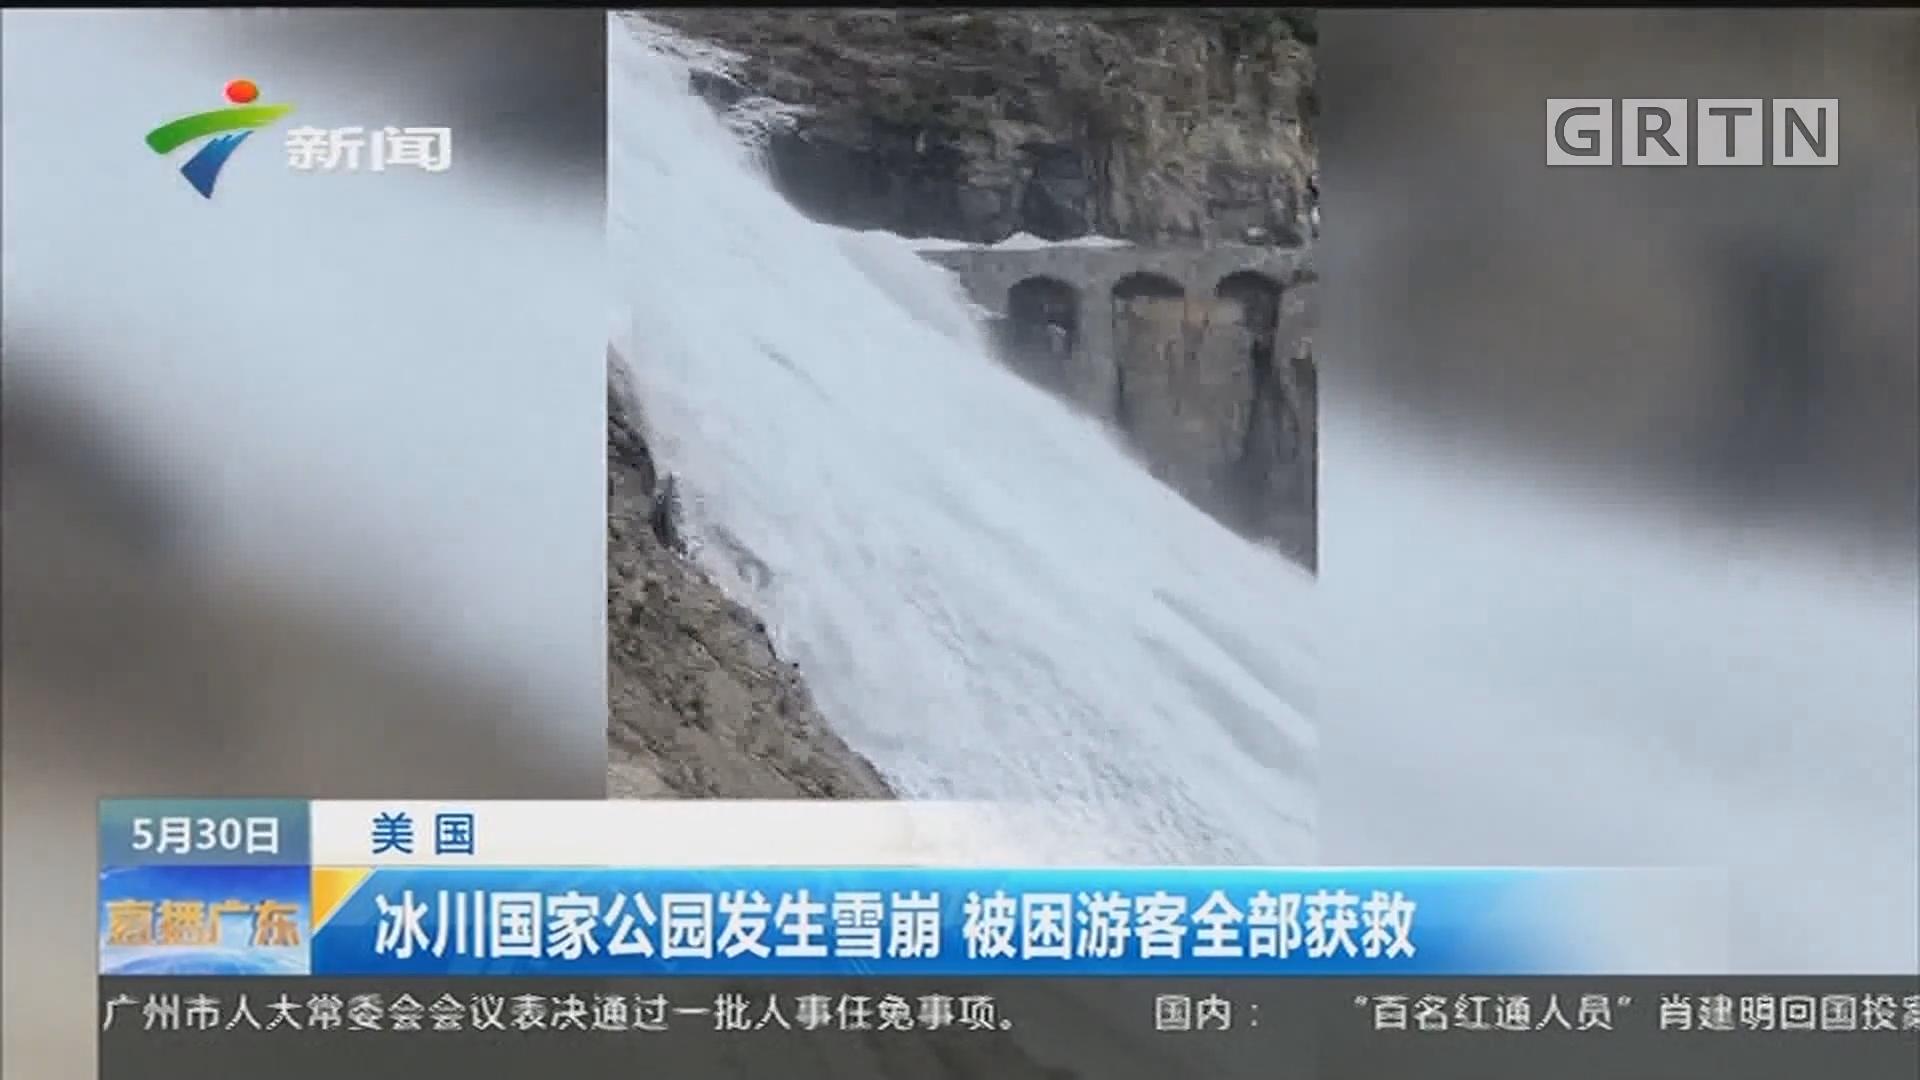 美国:冰川国家公园发生雪崩 被困游客全部获救